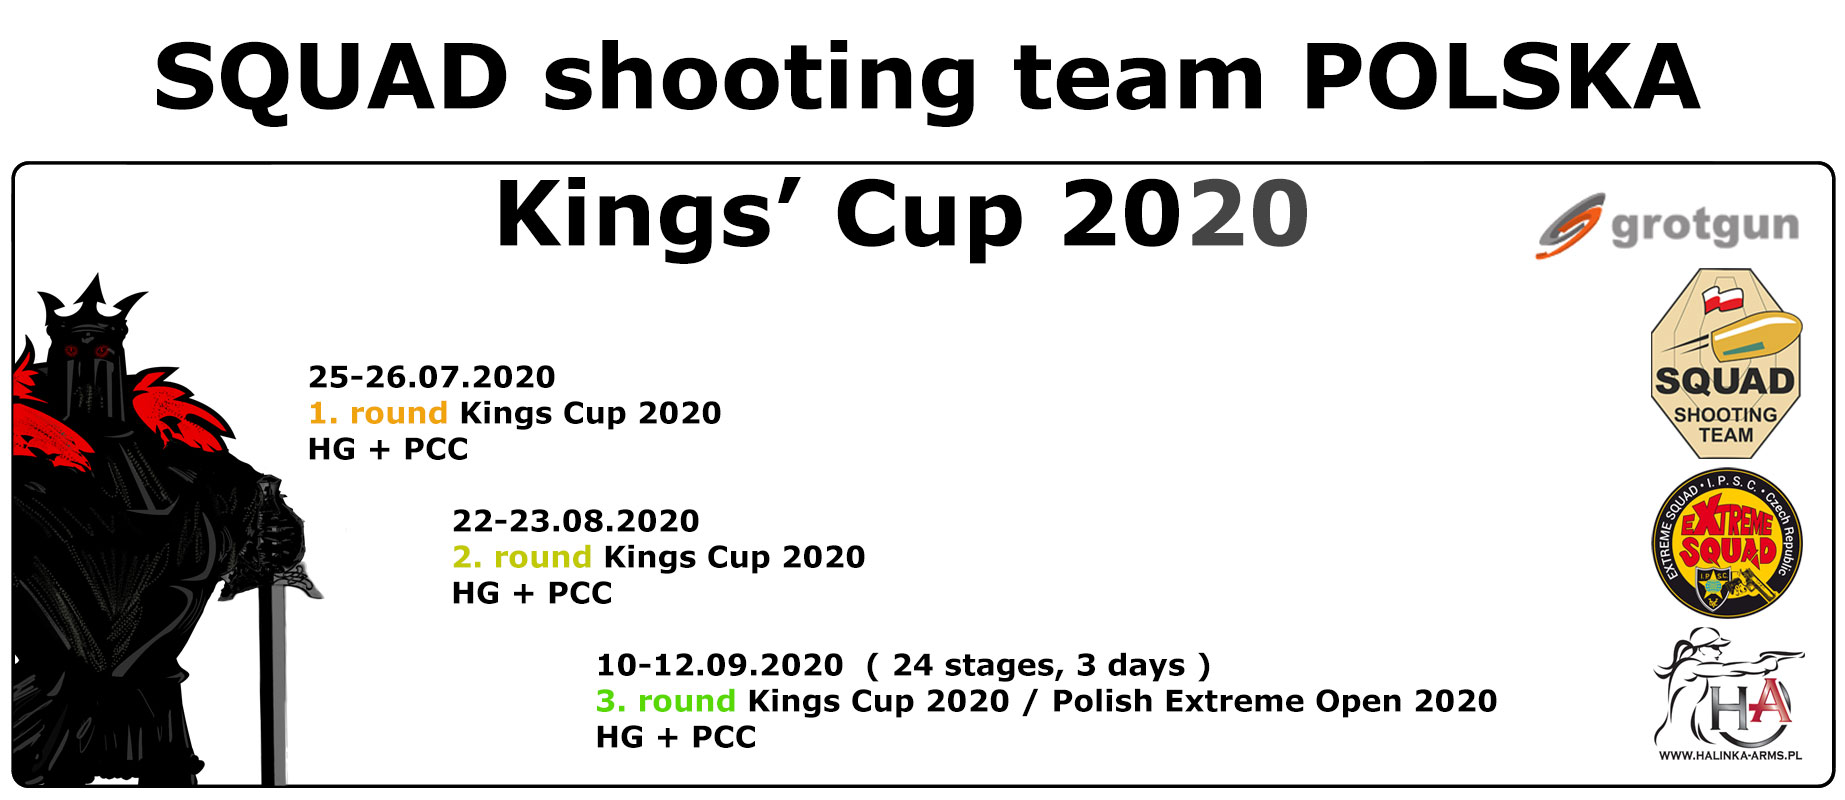 SQUAD shooting team POLSKA